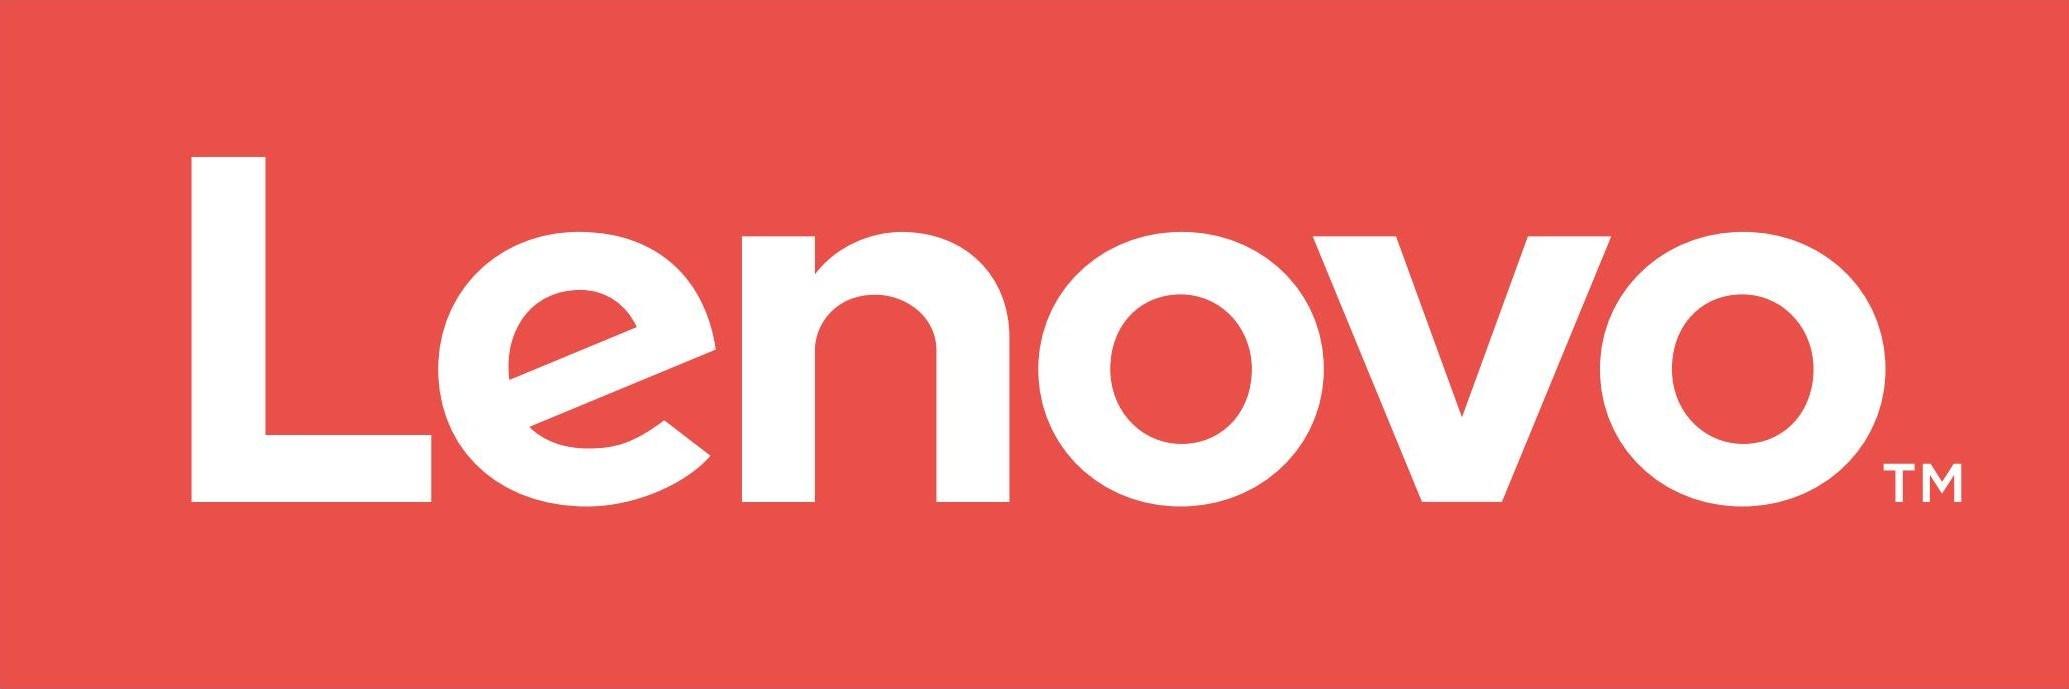 lenovo1-logo